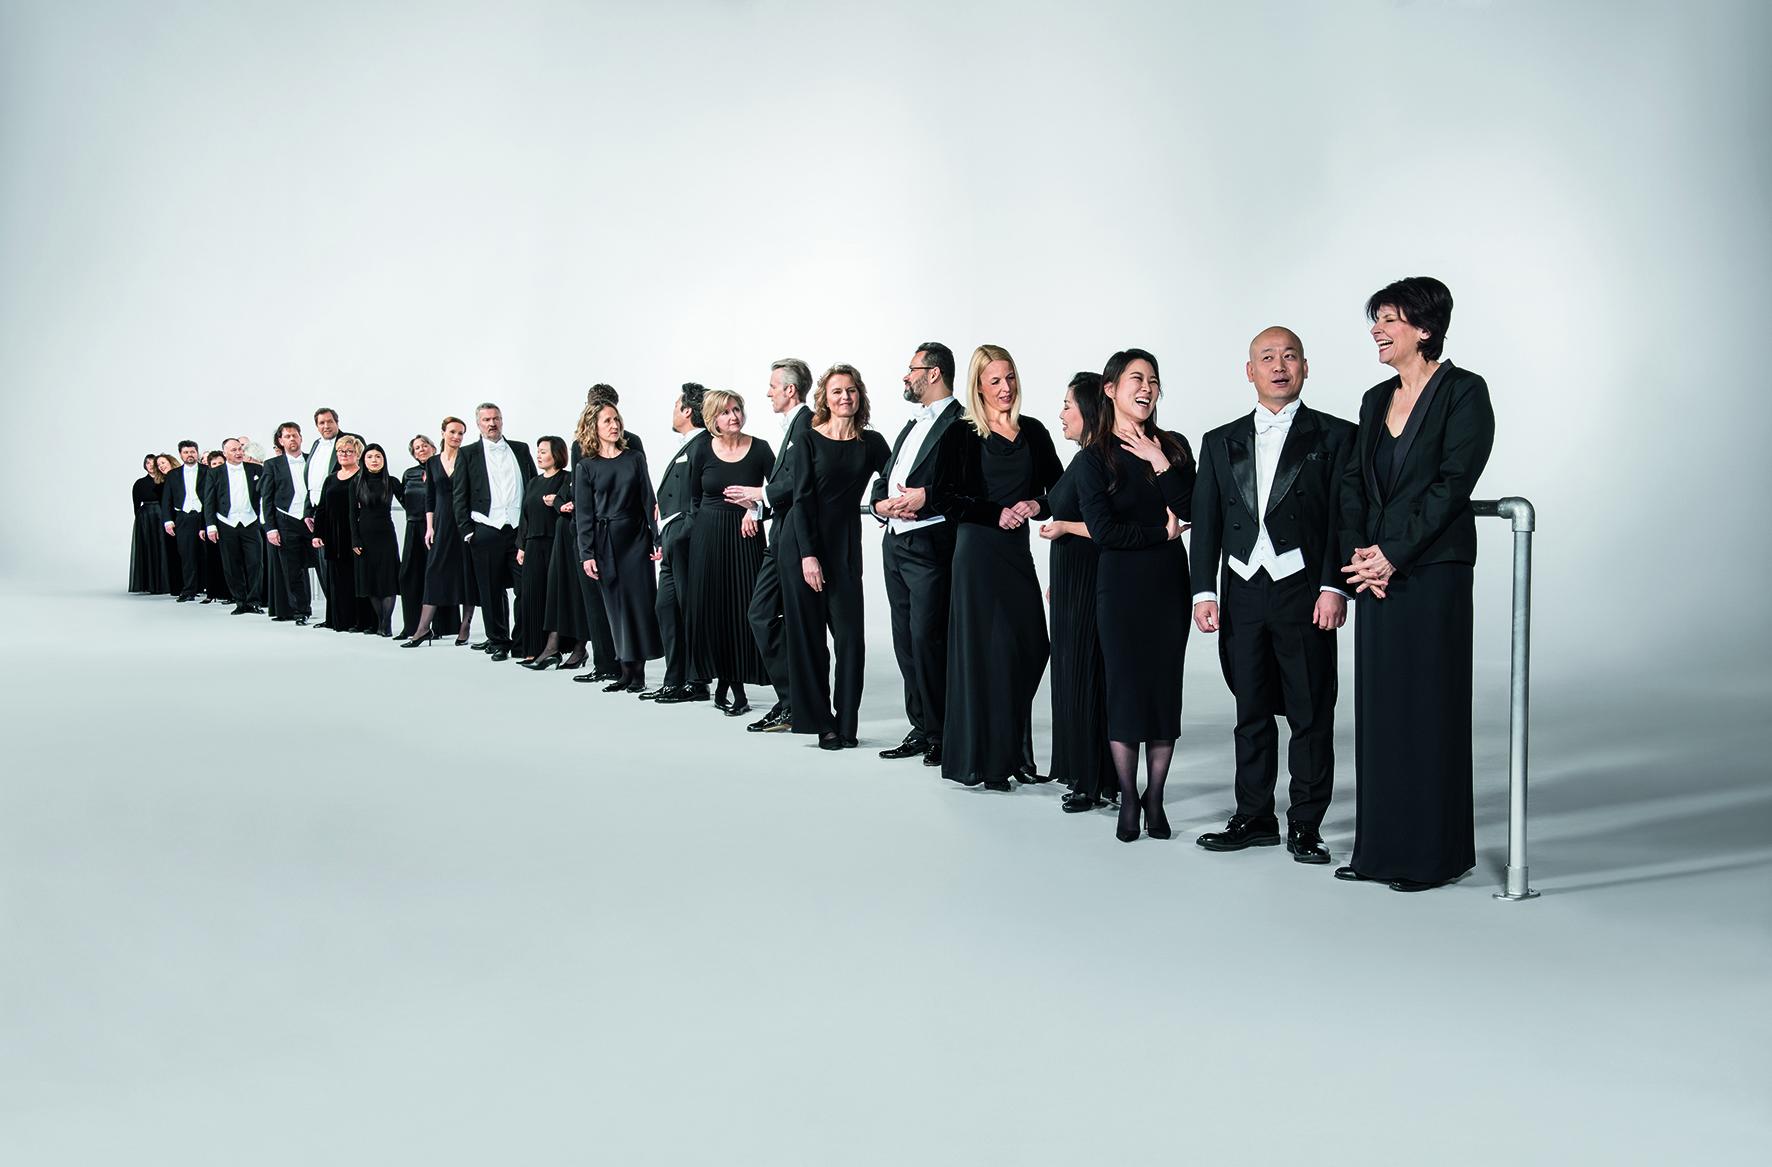 """Das WDR Mitsing-Konzert: Live-Schaltung """"Sing with Simon Halsey"""" aus dem WDR Funkhaus mit dem WDR Rundfunkchor"""